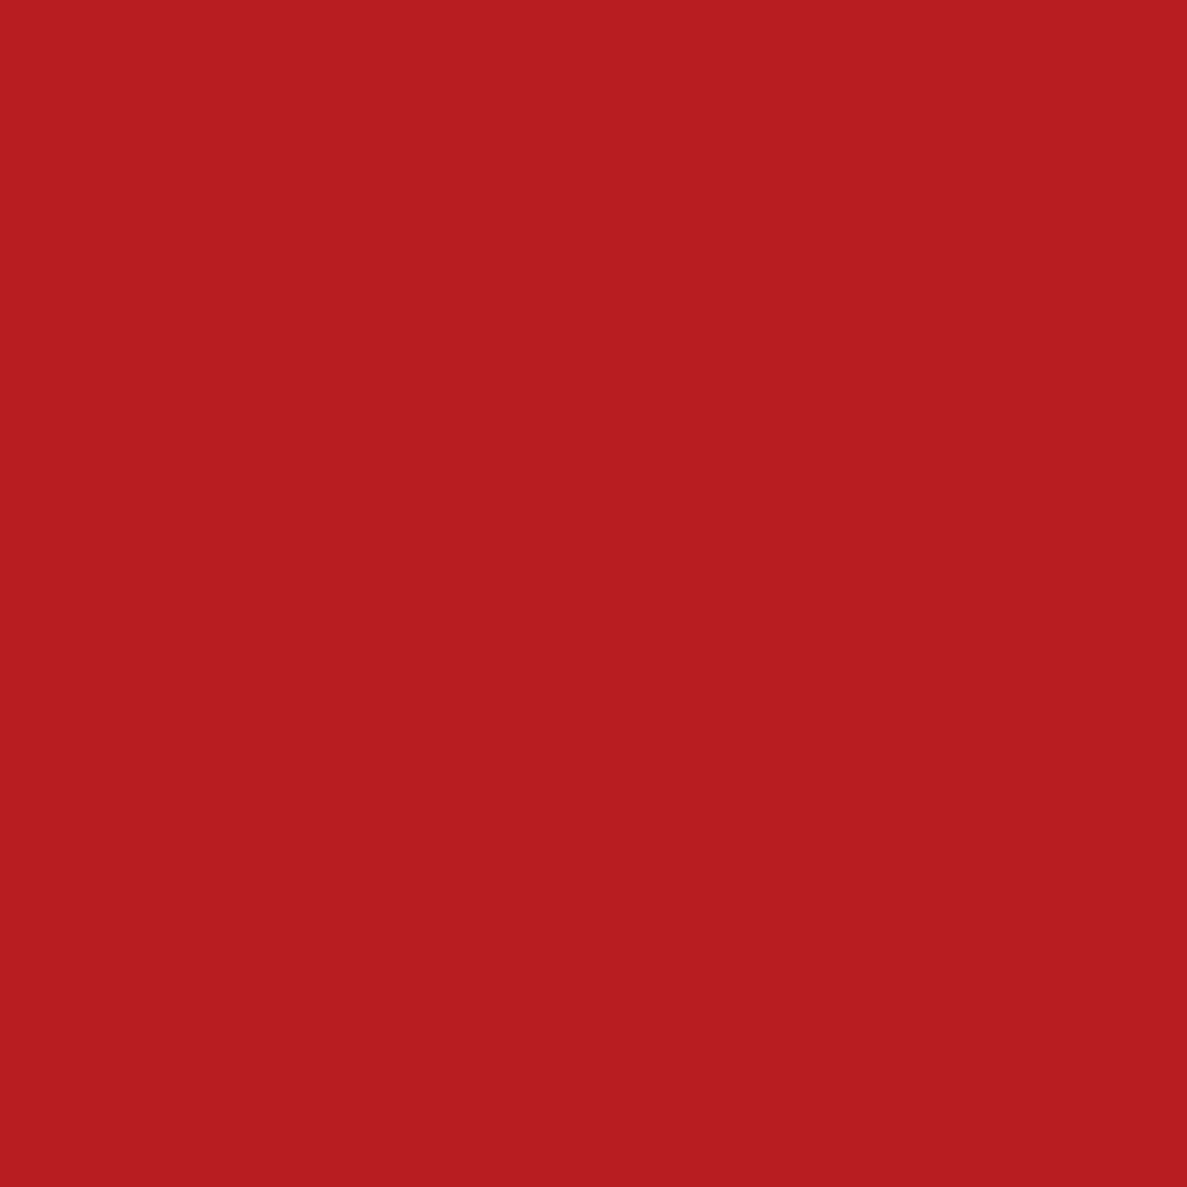 Aparici Primary Red 295x295 Cm Gres Tinta Unita 295x295